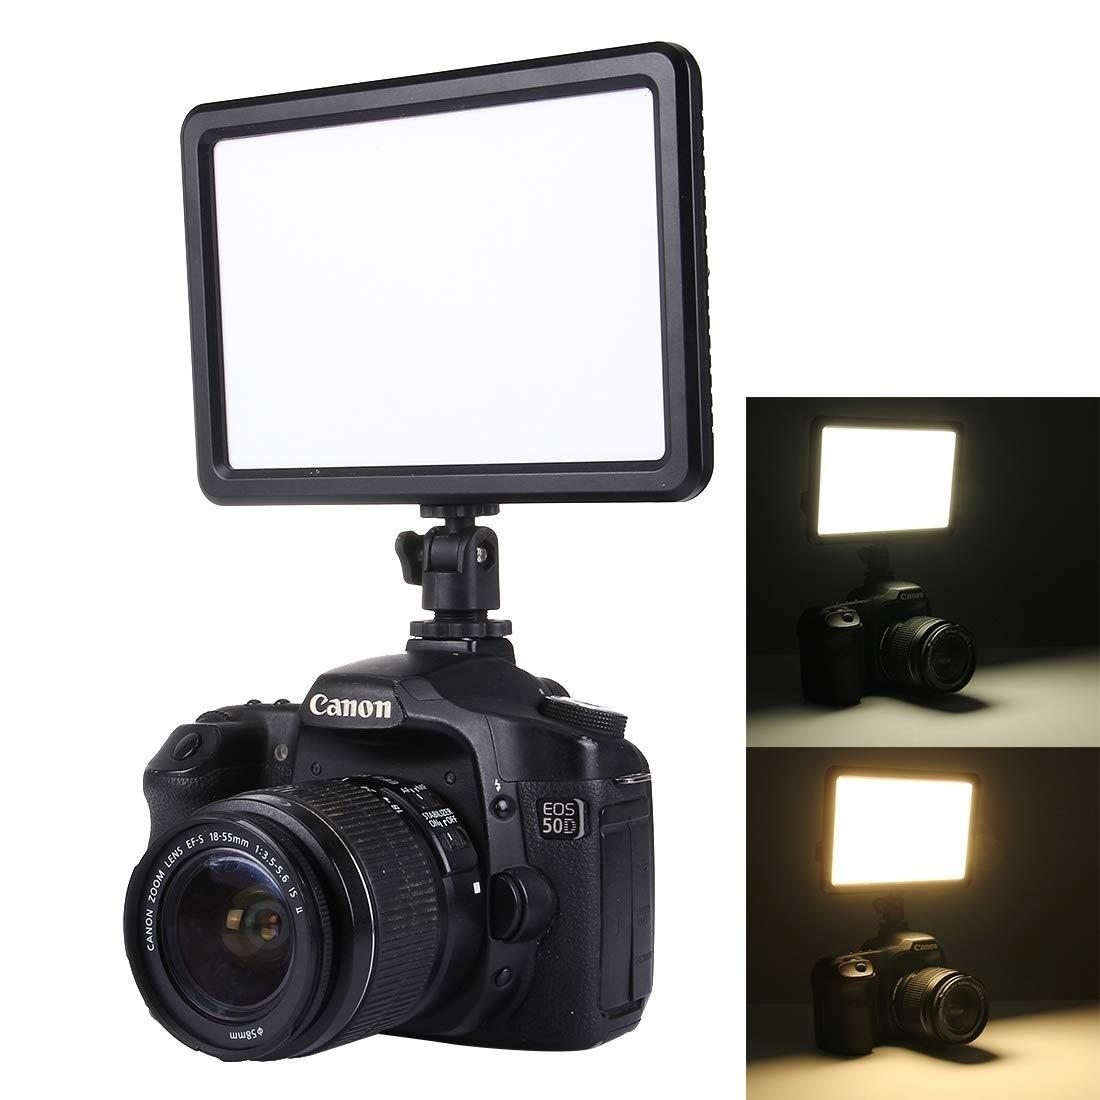 カメラ用 LED-006 104 LED 850LM調光可能なビデオライトオンカメラ写真照明フィルライト対応Canon Nikon DSLRカメラ カメラアクセサリー   B07QBZWYB2